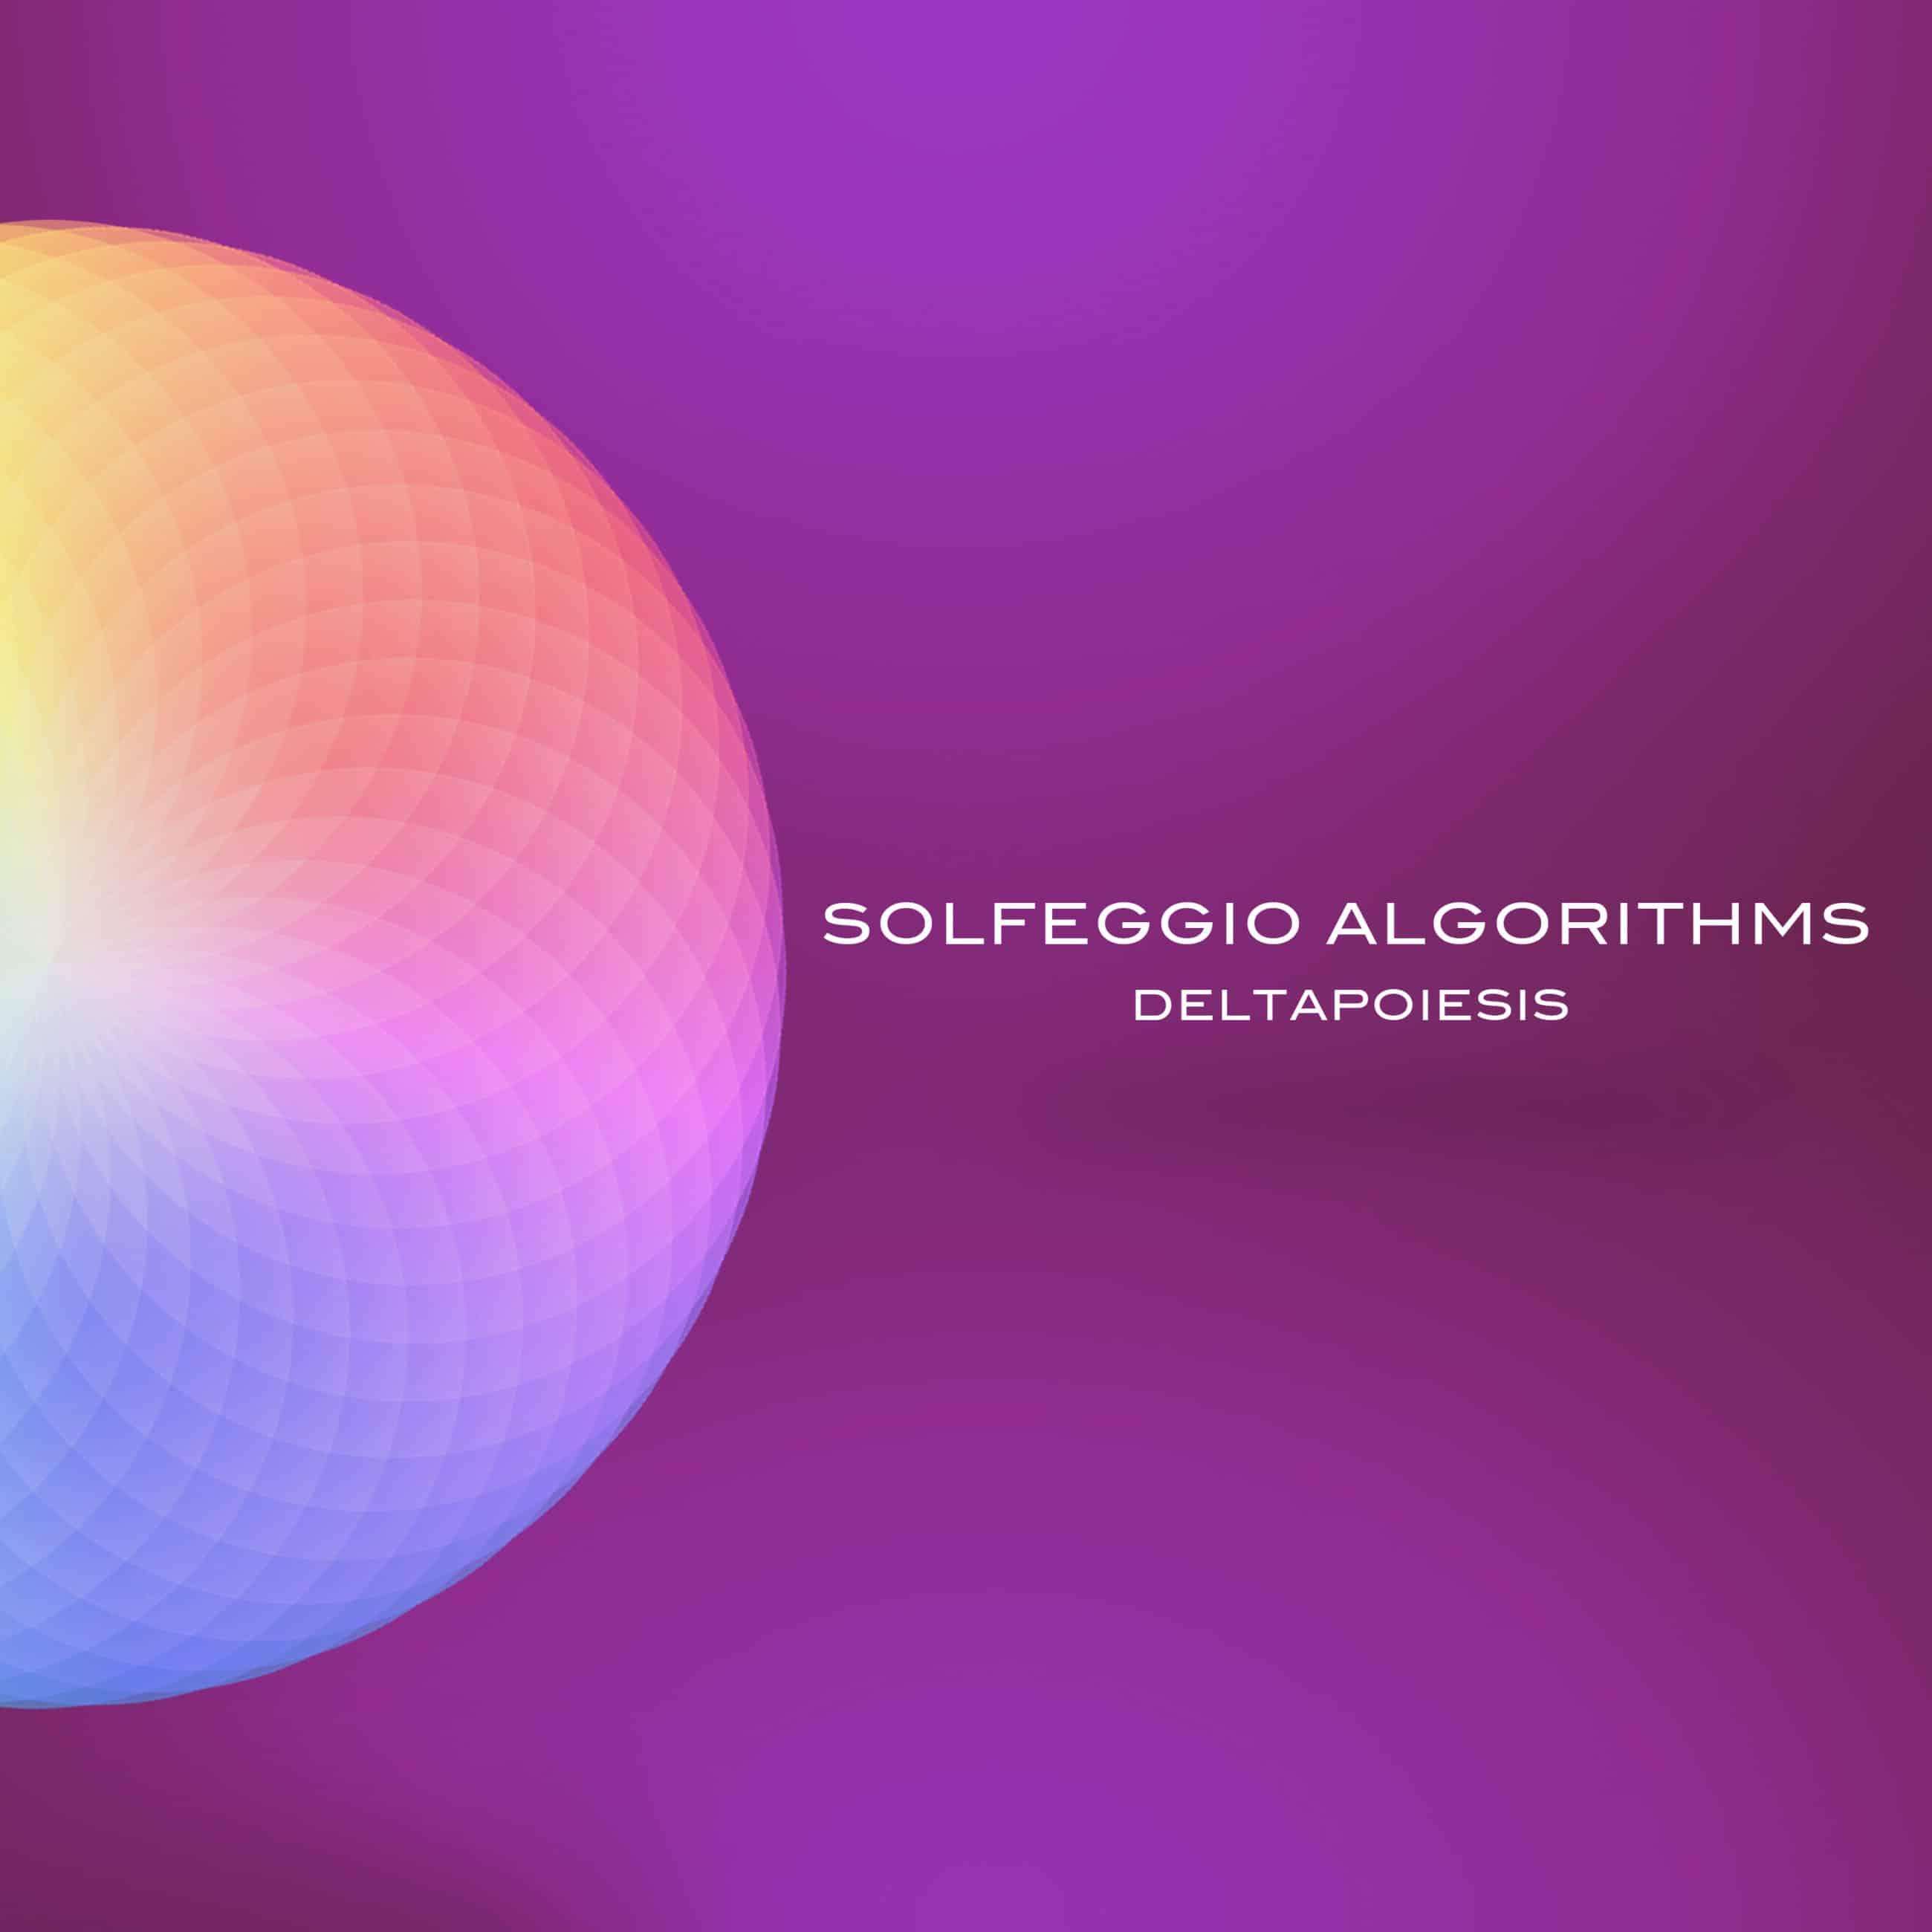 Deltapoiesis 396Hz ~ Solfeggio Algorithms NO 3